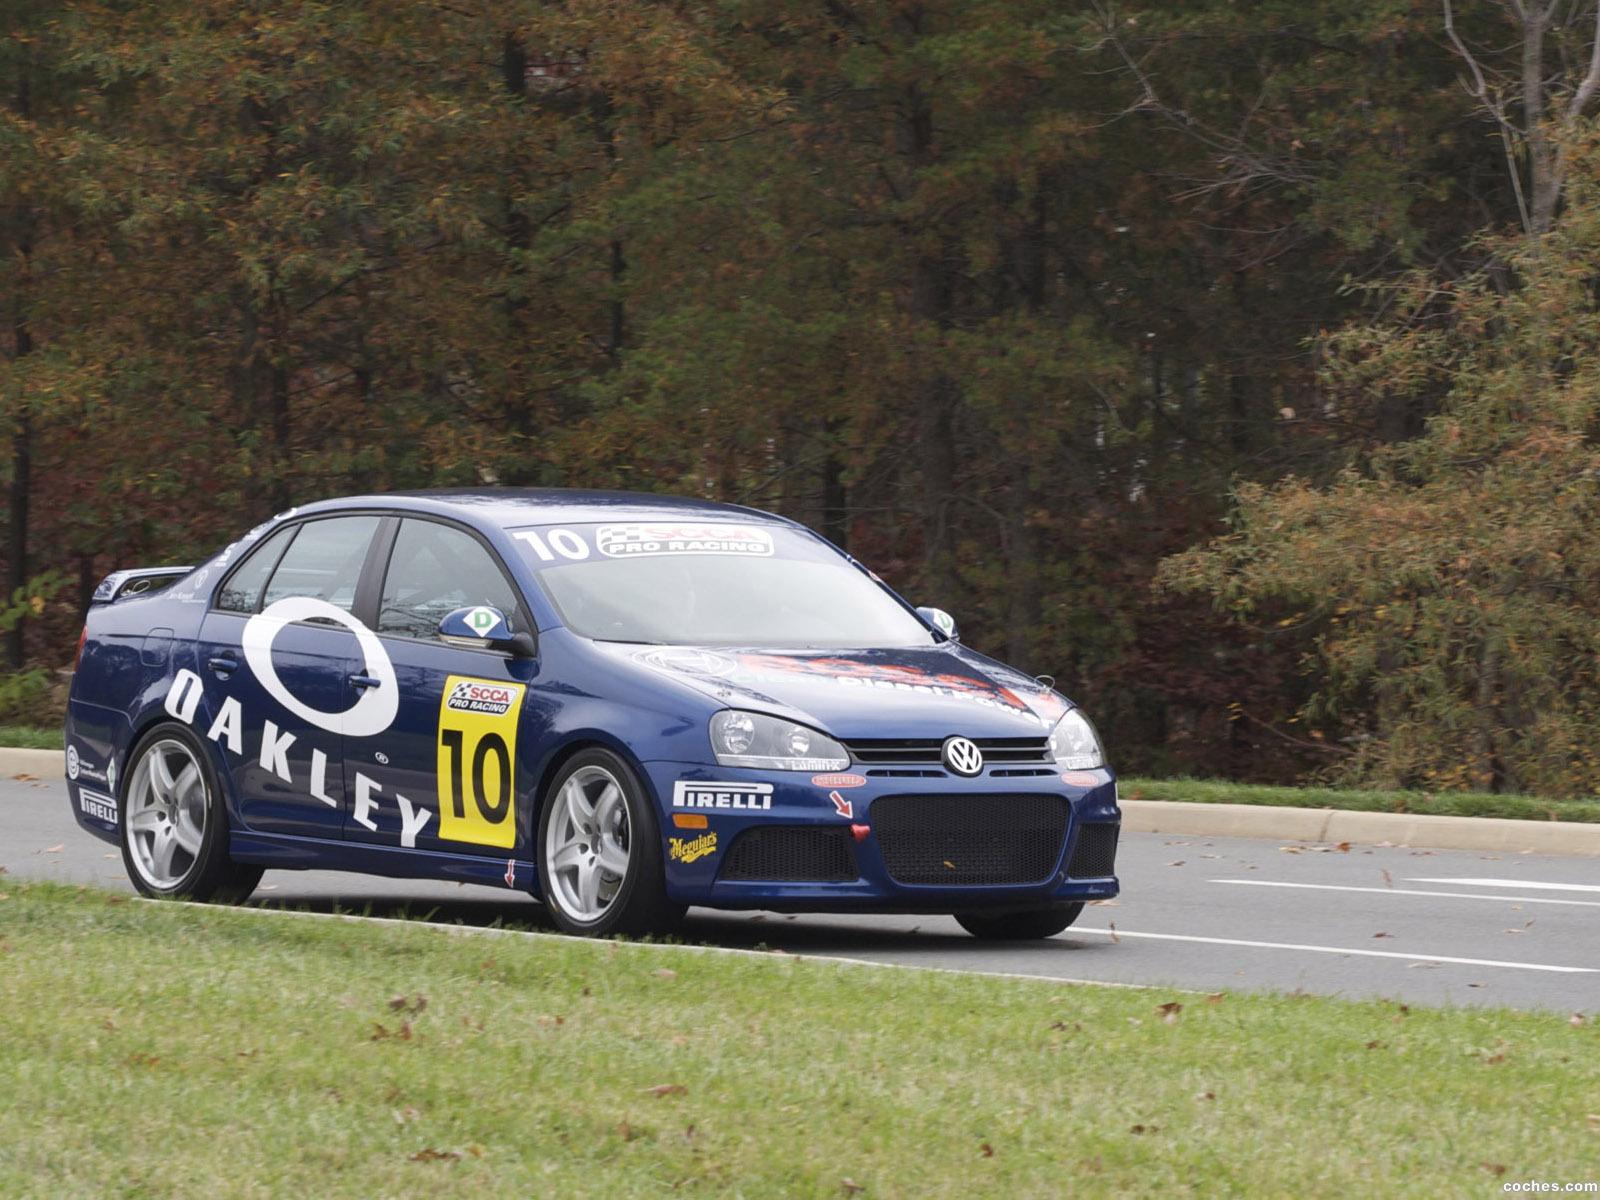 Foto 1 de Volkswagen Jetta TDI Cup Street Edition 2010